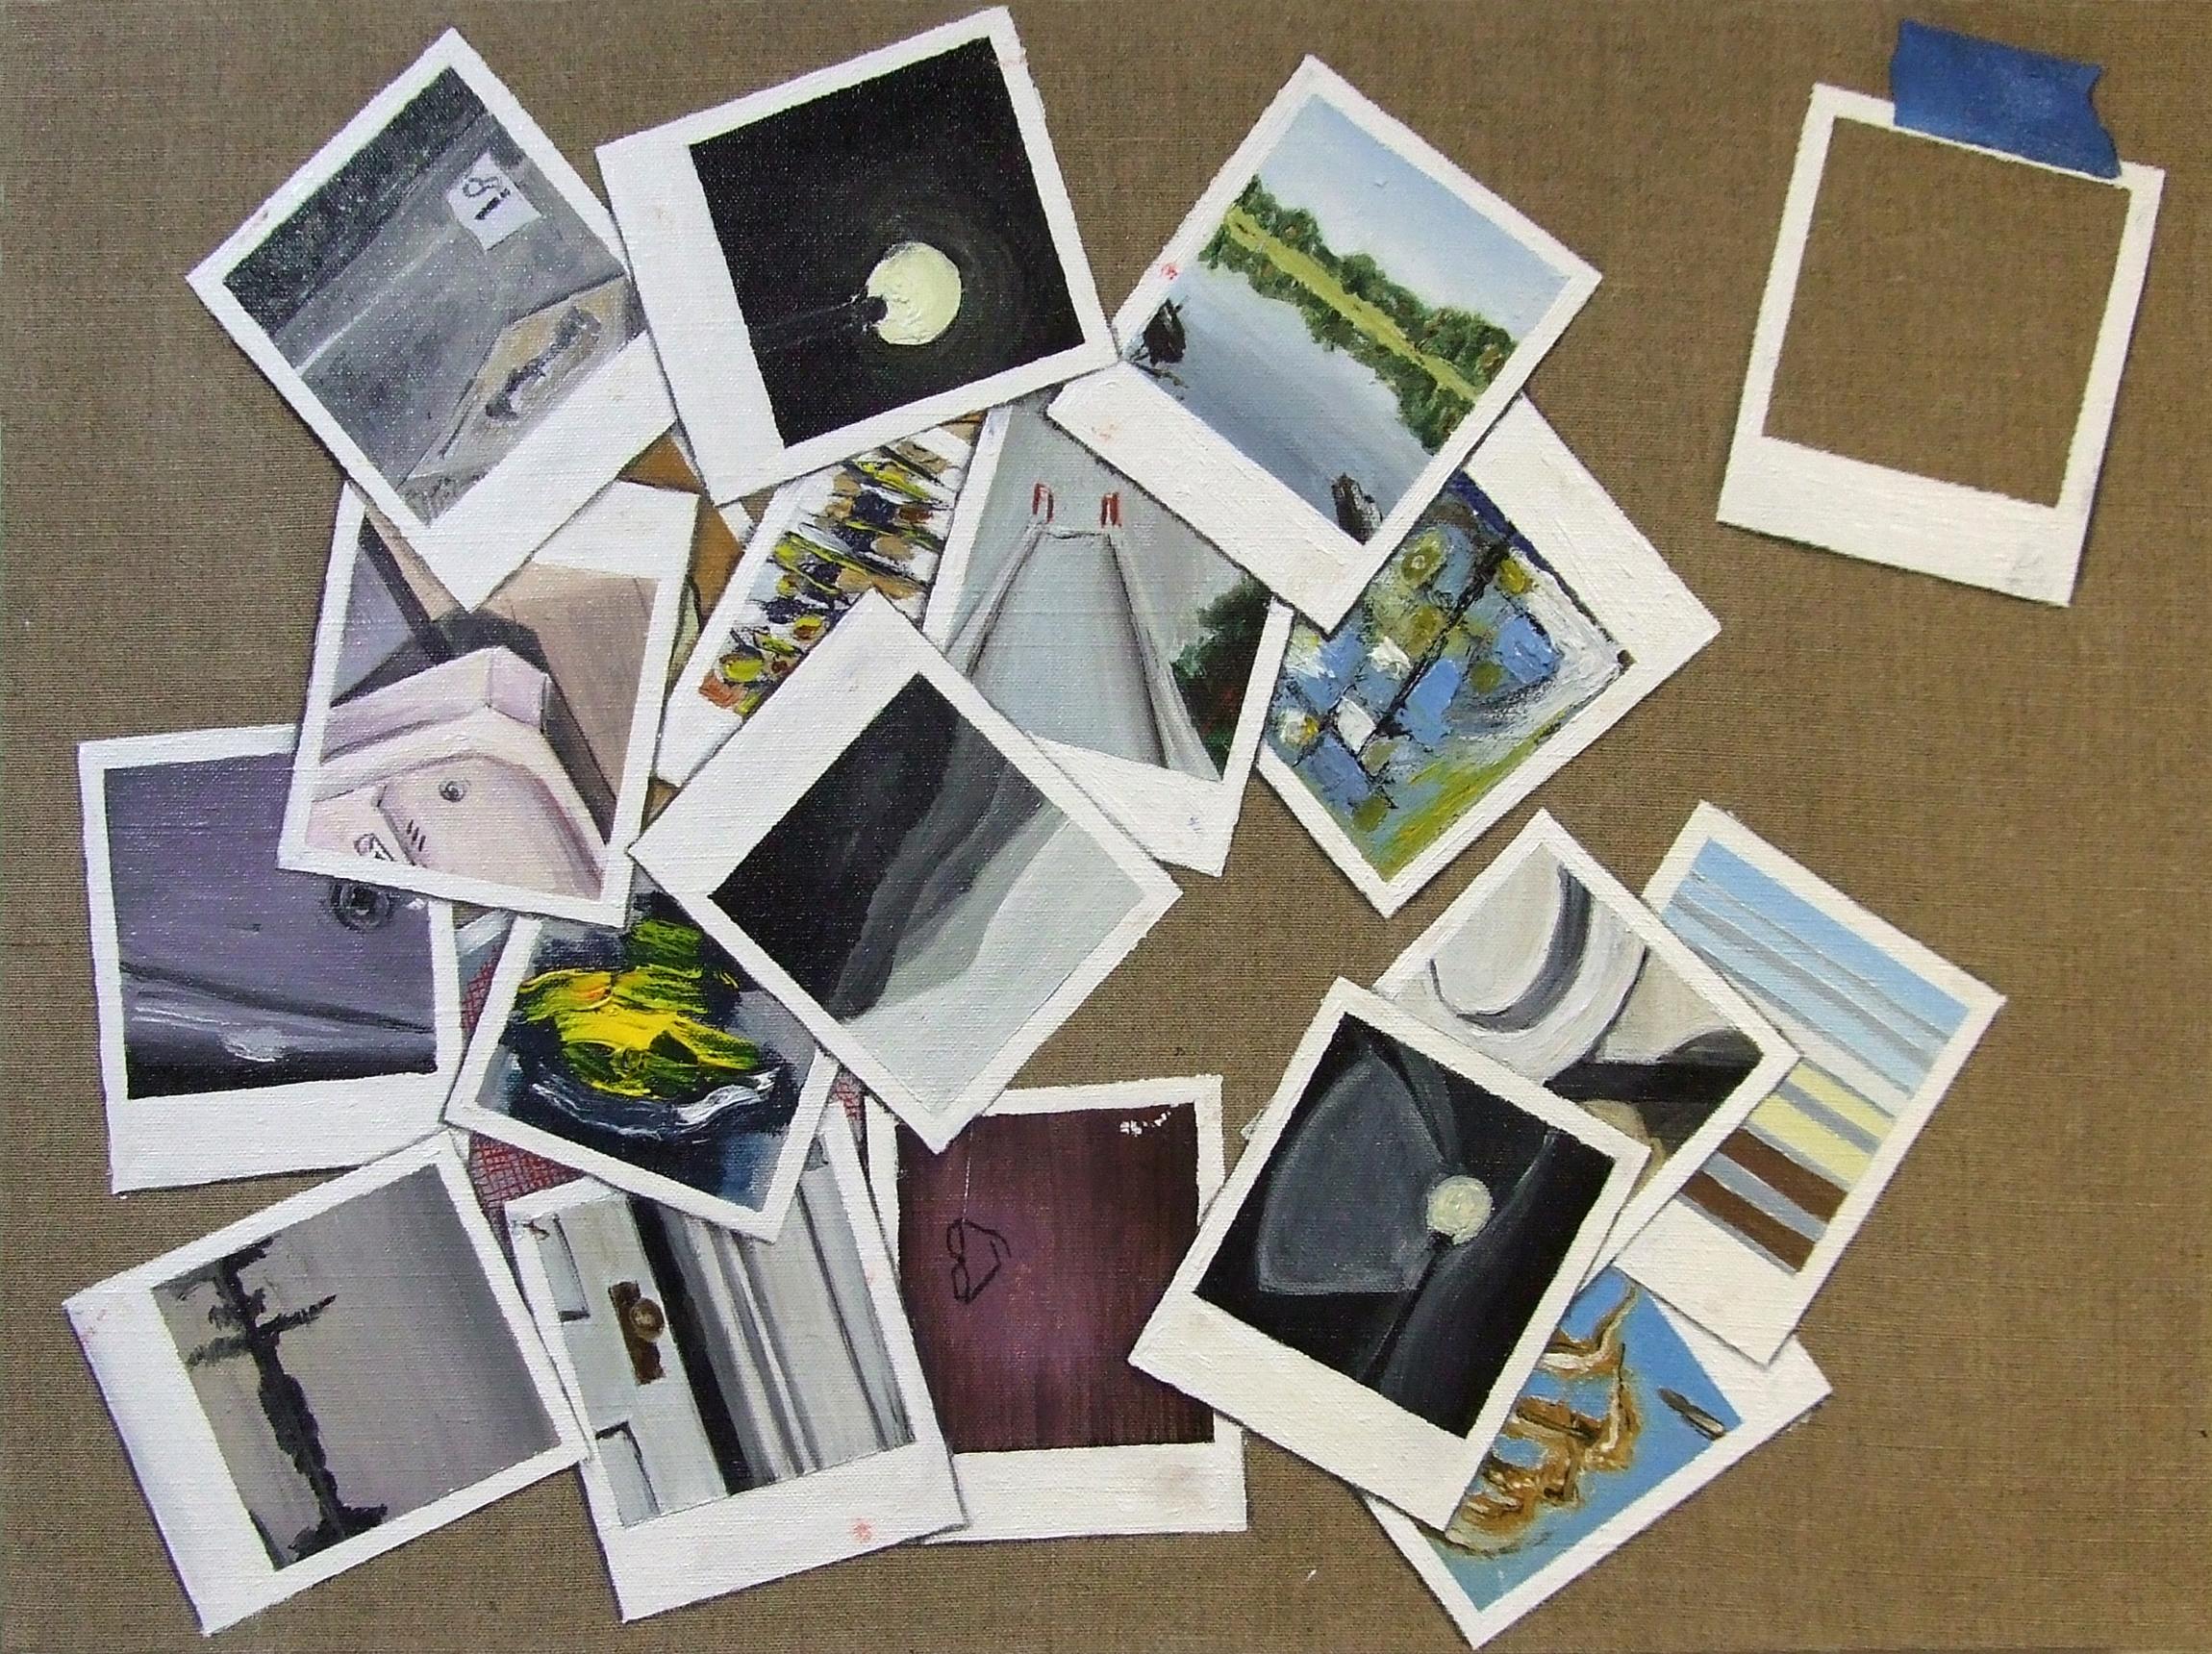 Twenty-two polaroids